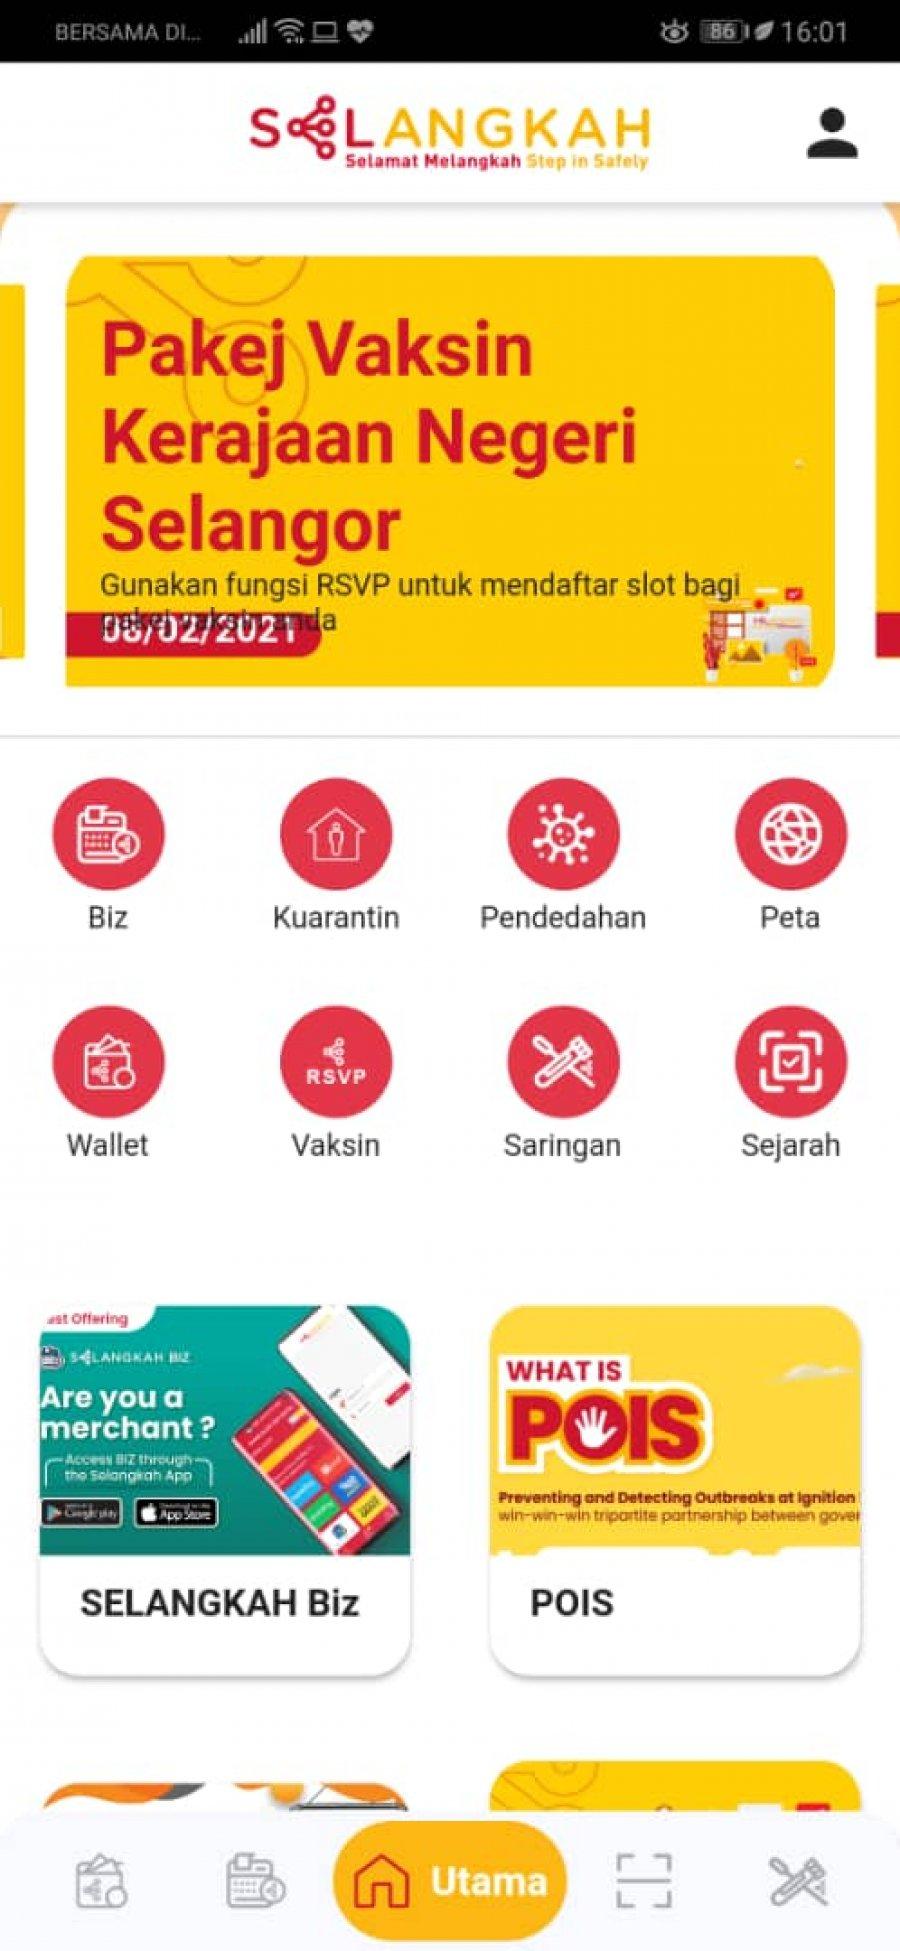 雪政府推出SELangkah App升级版